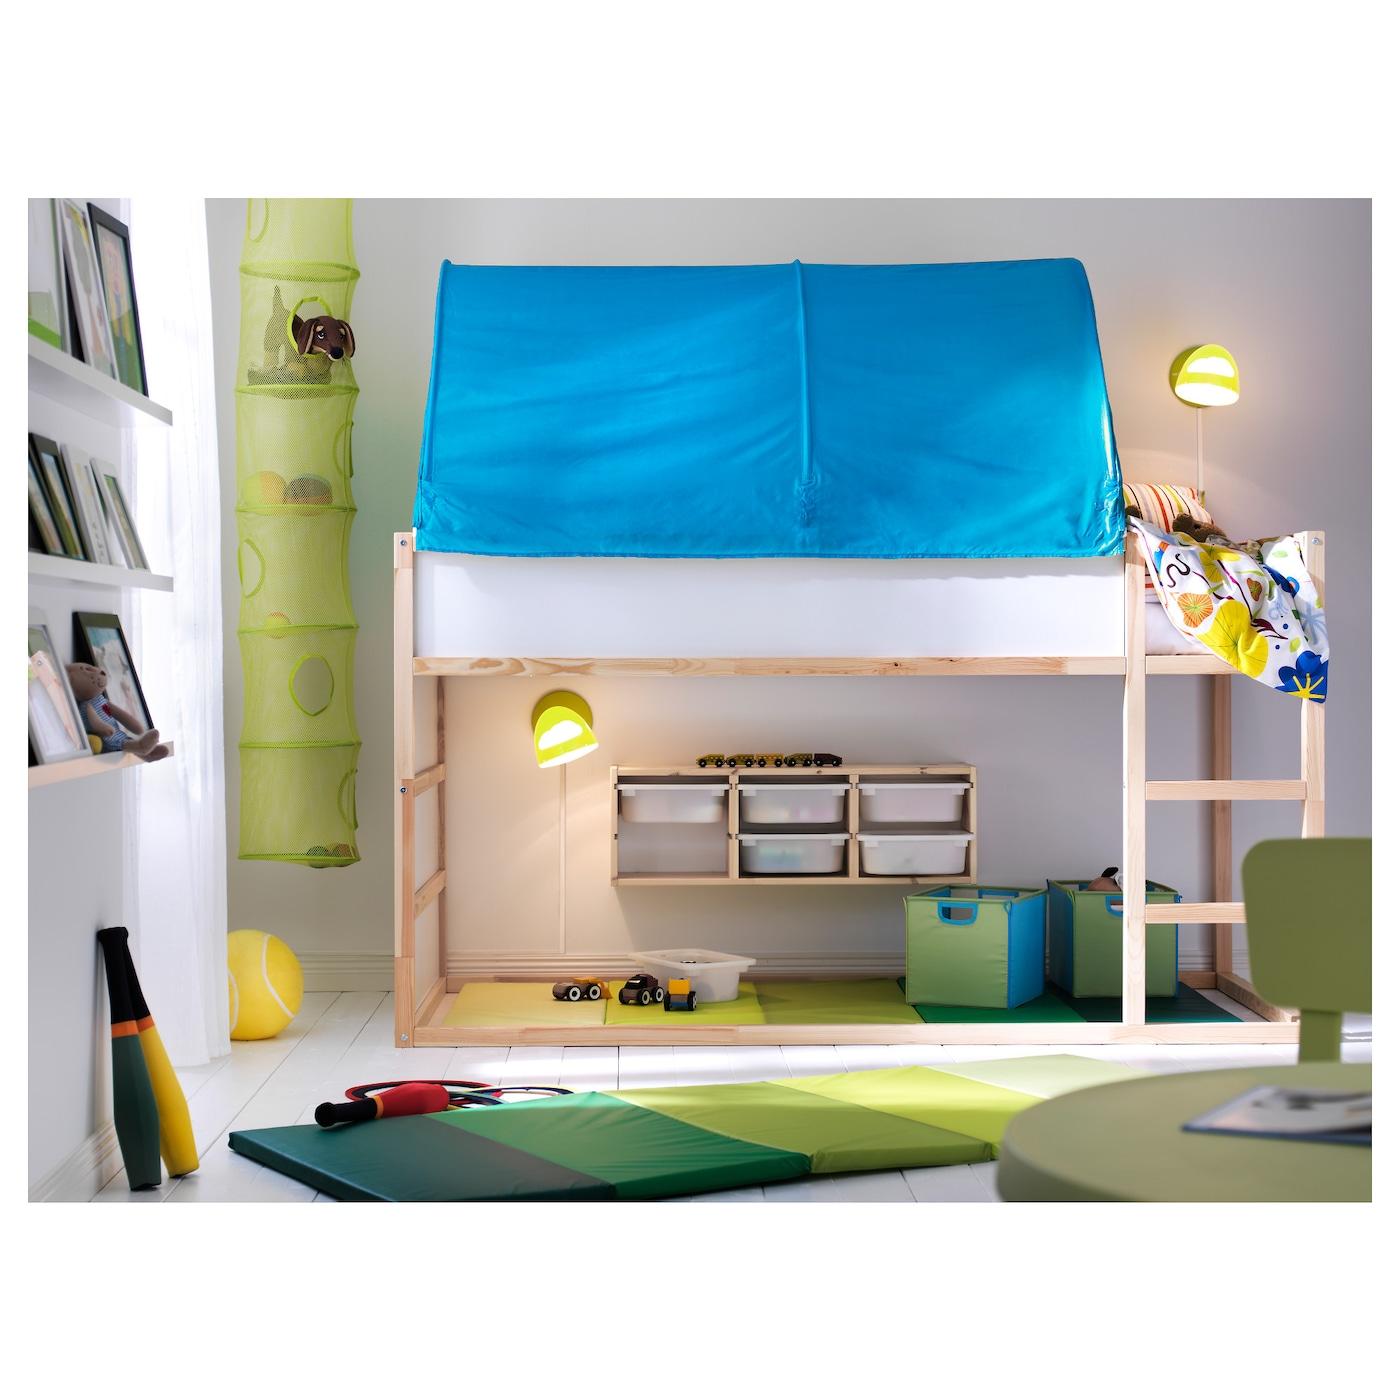 Kura tente pour lit turquoise ikea - Meilleurs positions au lit ...